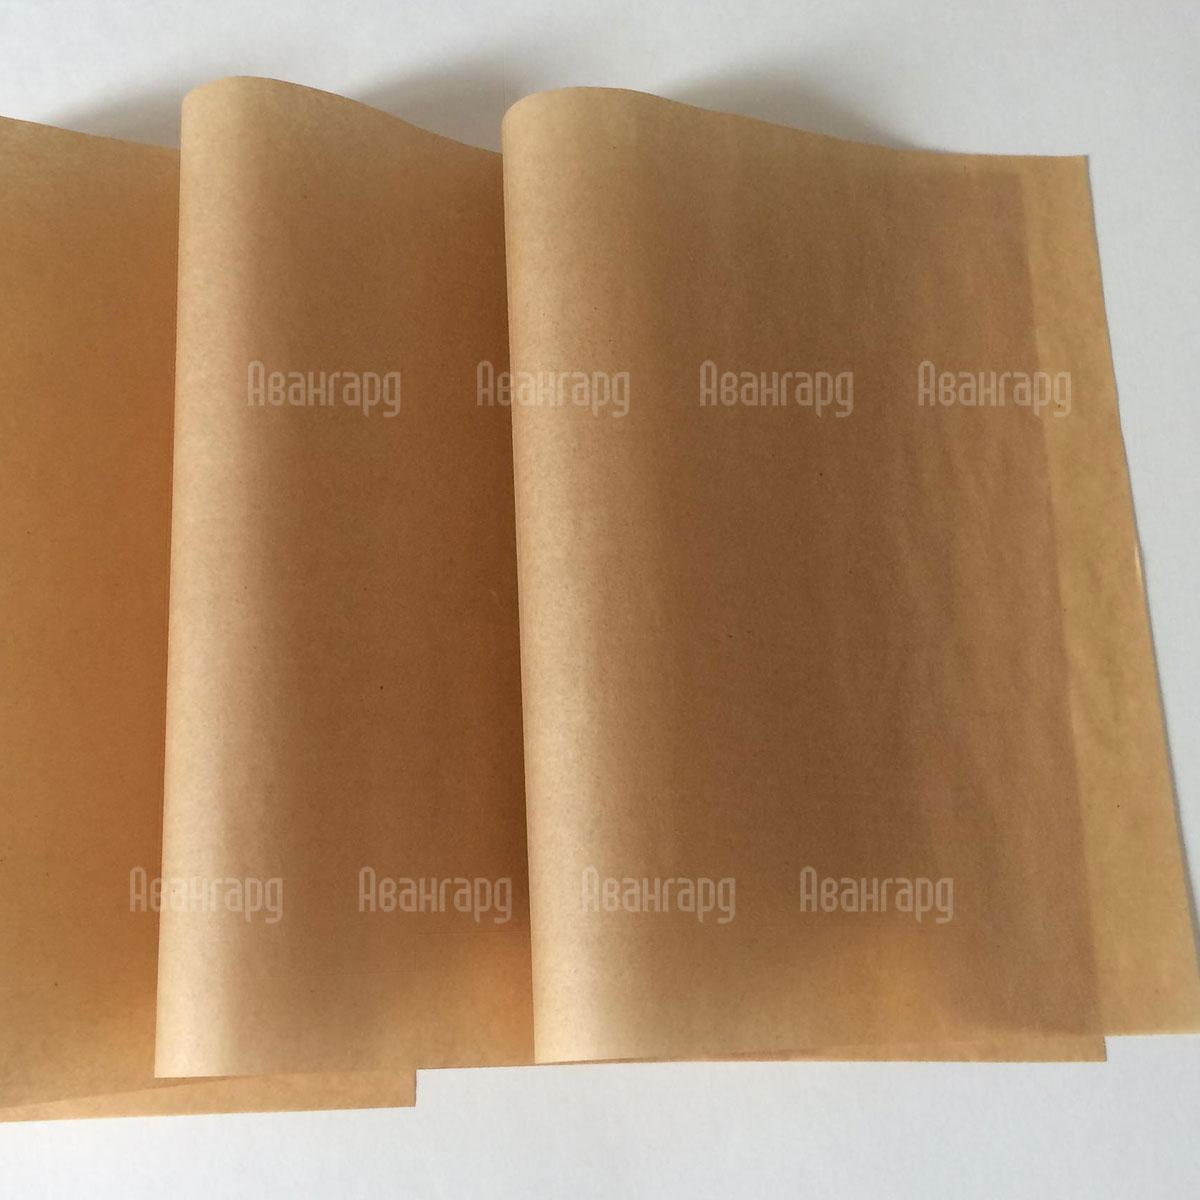 Бумаги упаковочные жиро-влагостойкие марок ЖВС в рулонах